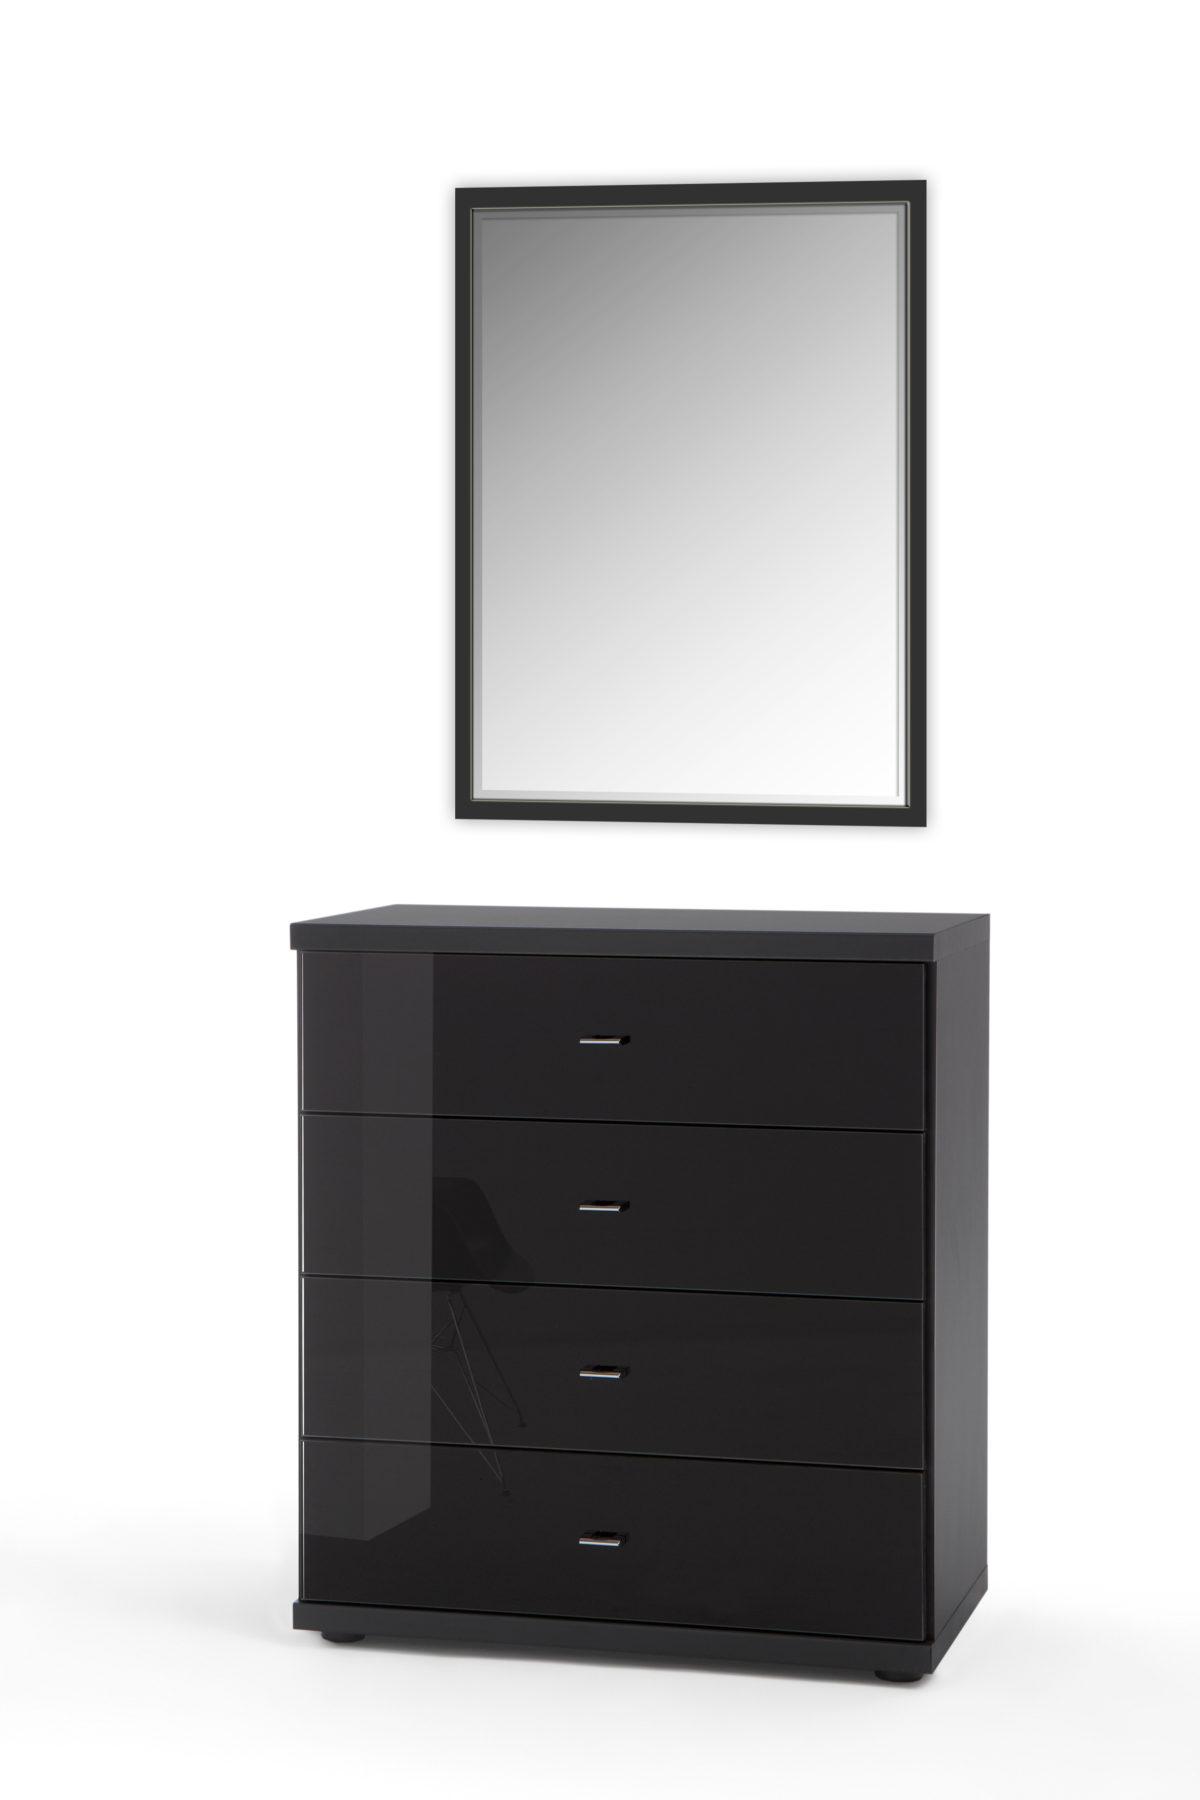 MIRO 7714 12 schwarz Glas schwarz Wandspiegel 1200x1800 - Comodă Miro (Wiemann)